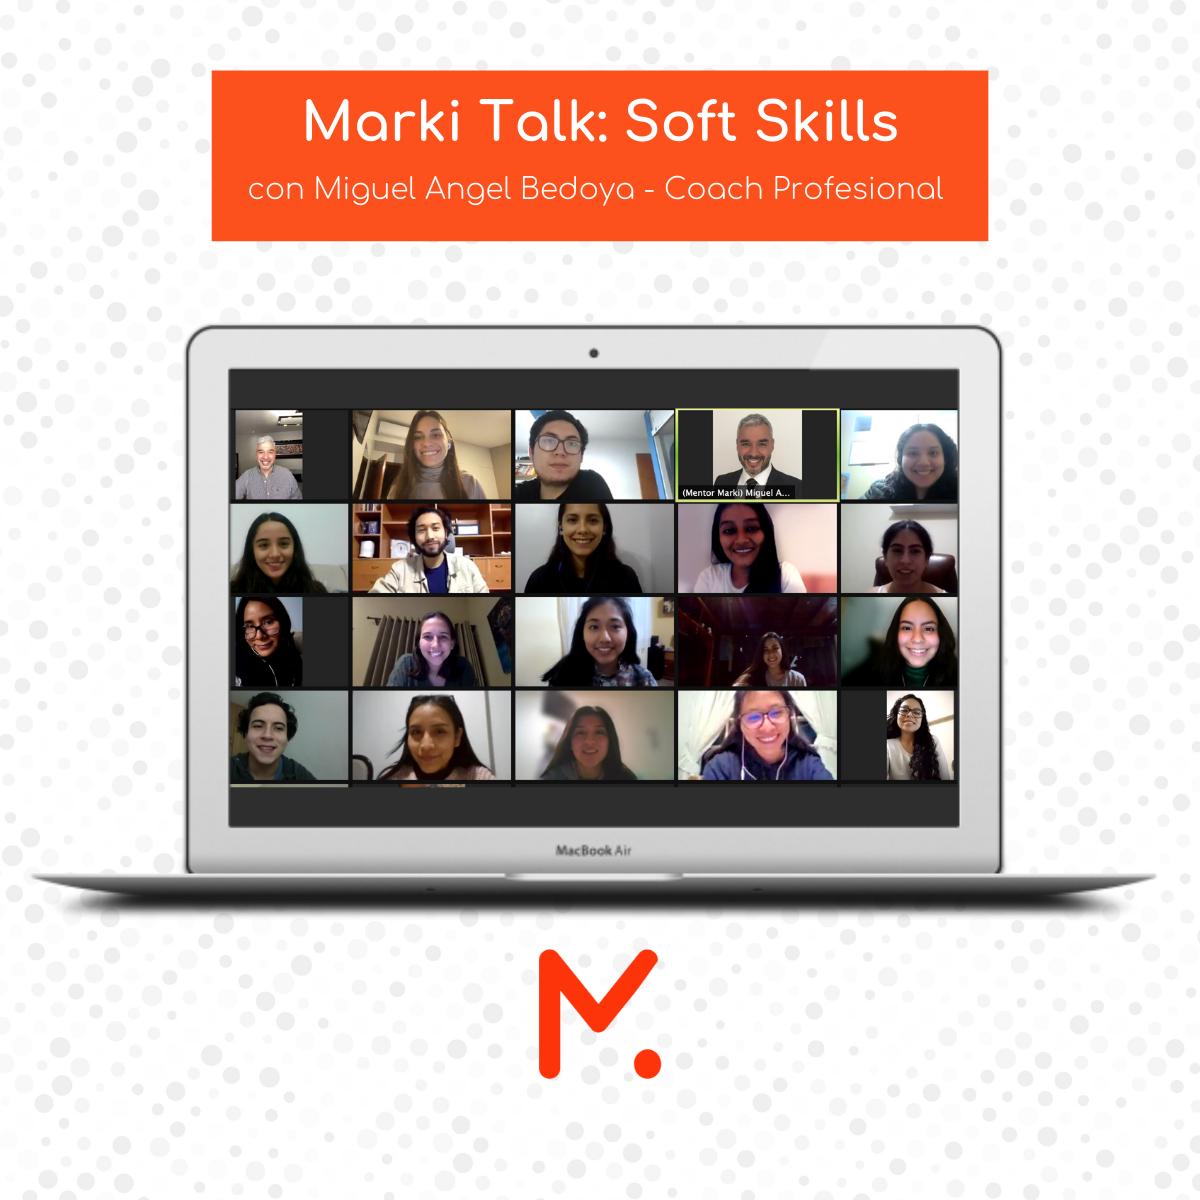 asesoría a microempresarios habilidades digitales voluntarios universitarios Voluntariado online capacitación de marketing digital voluntariado marki